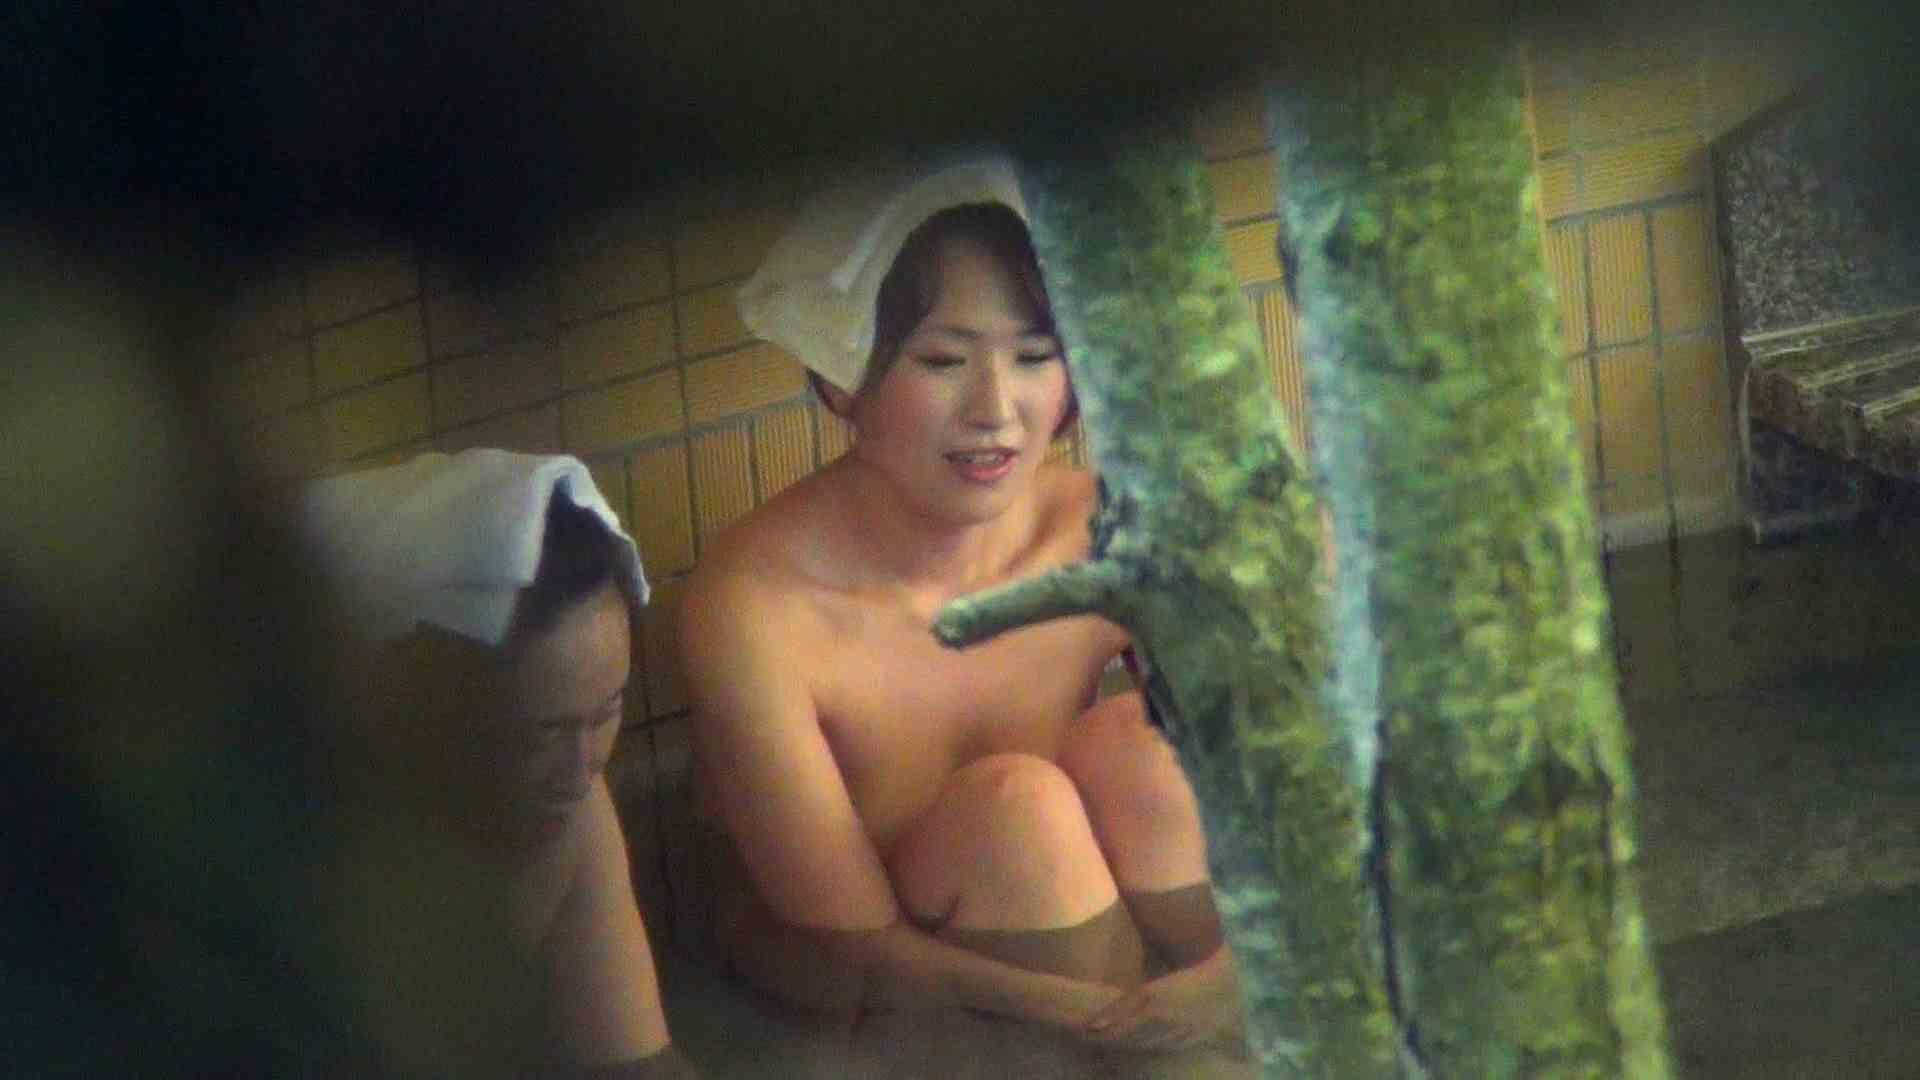 Aquaな露天風呂Vol.272 露天  99PICs 12